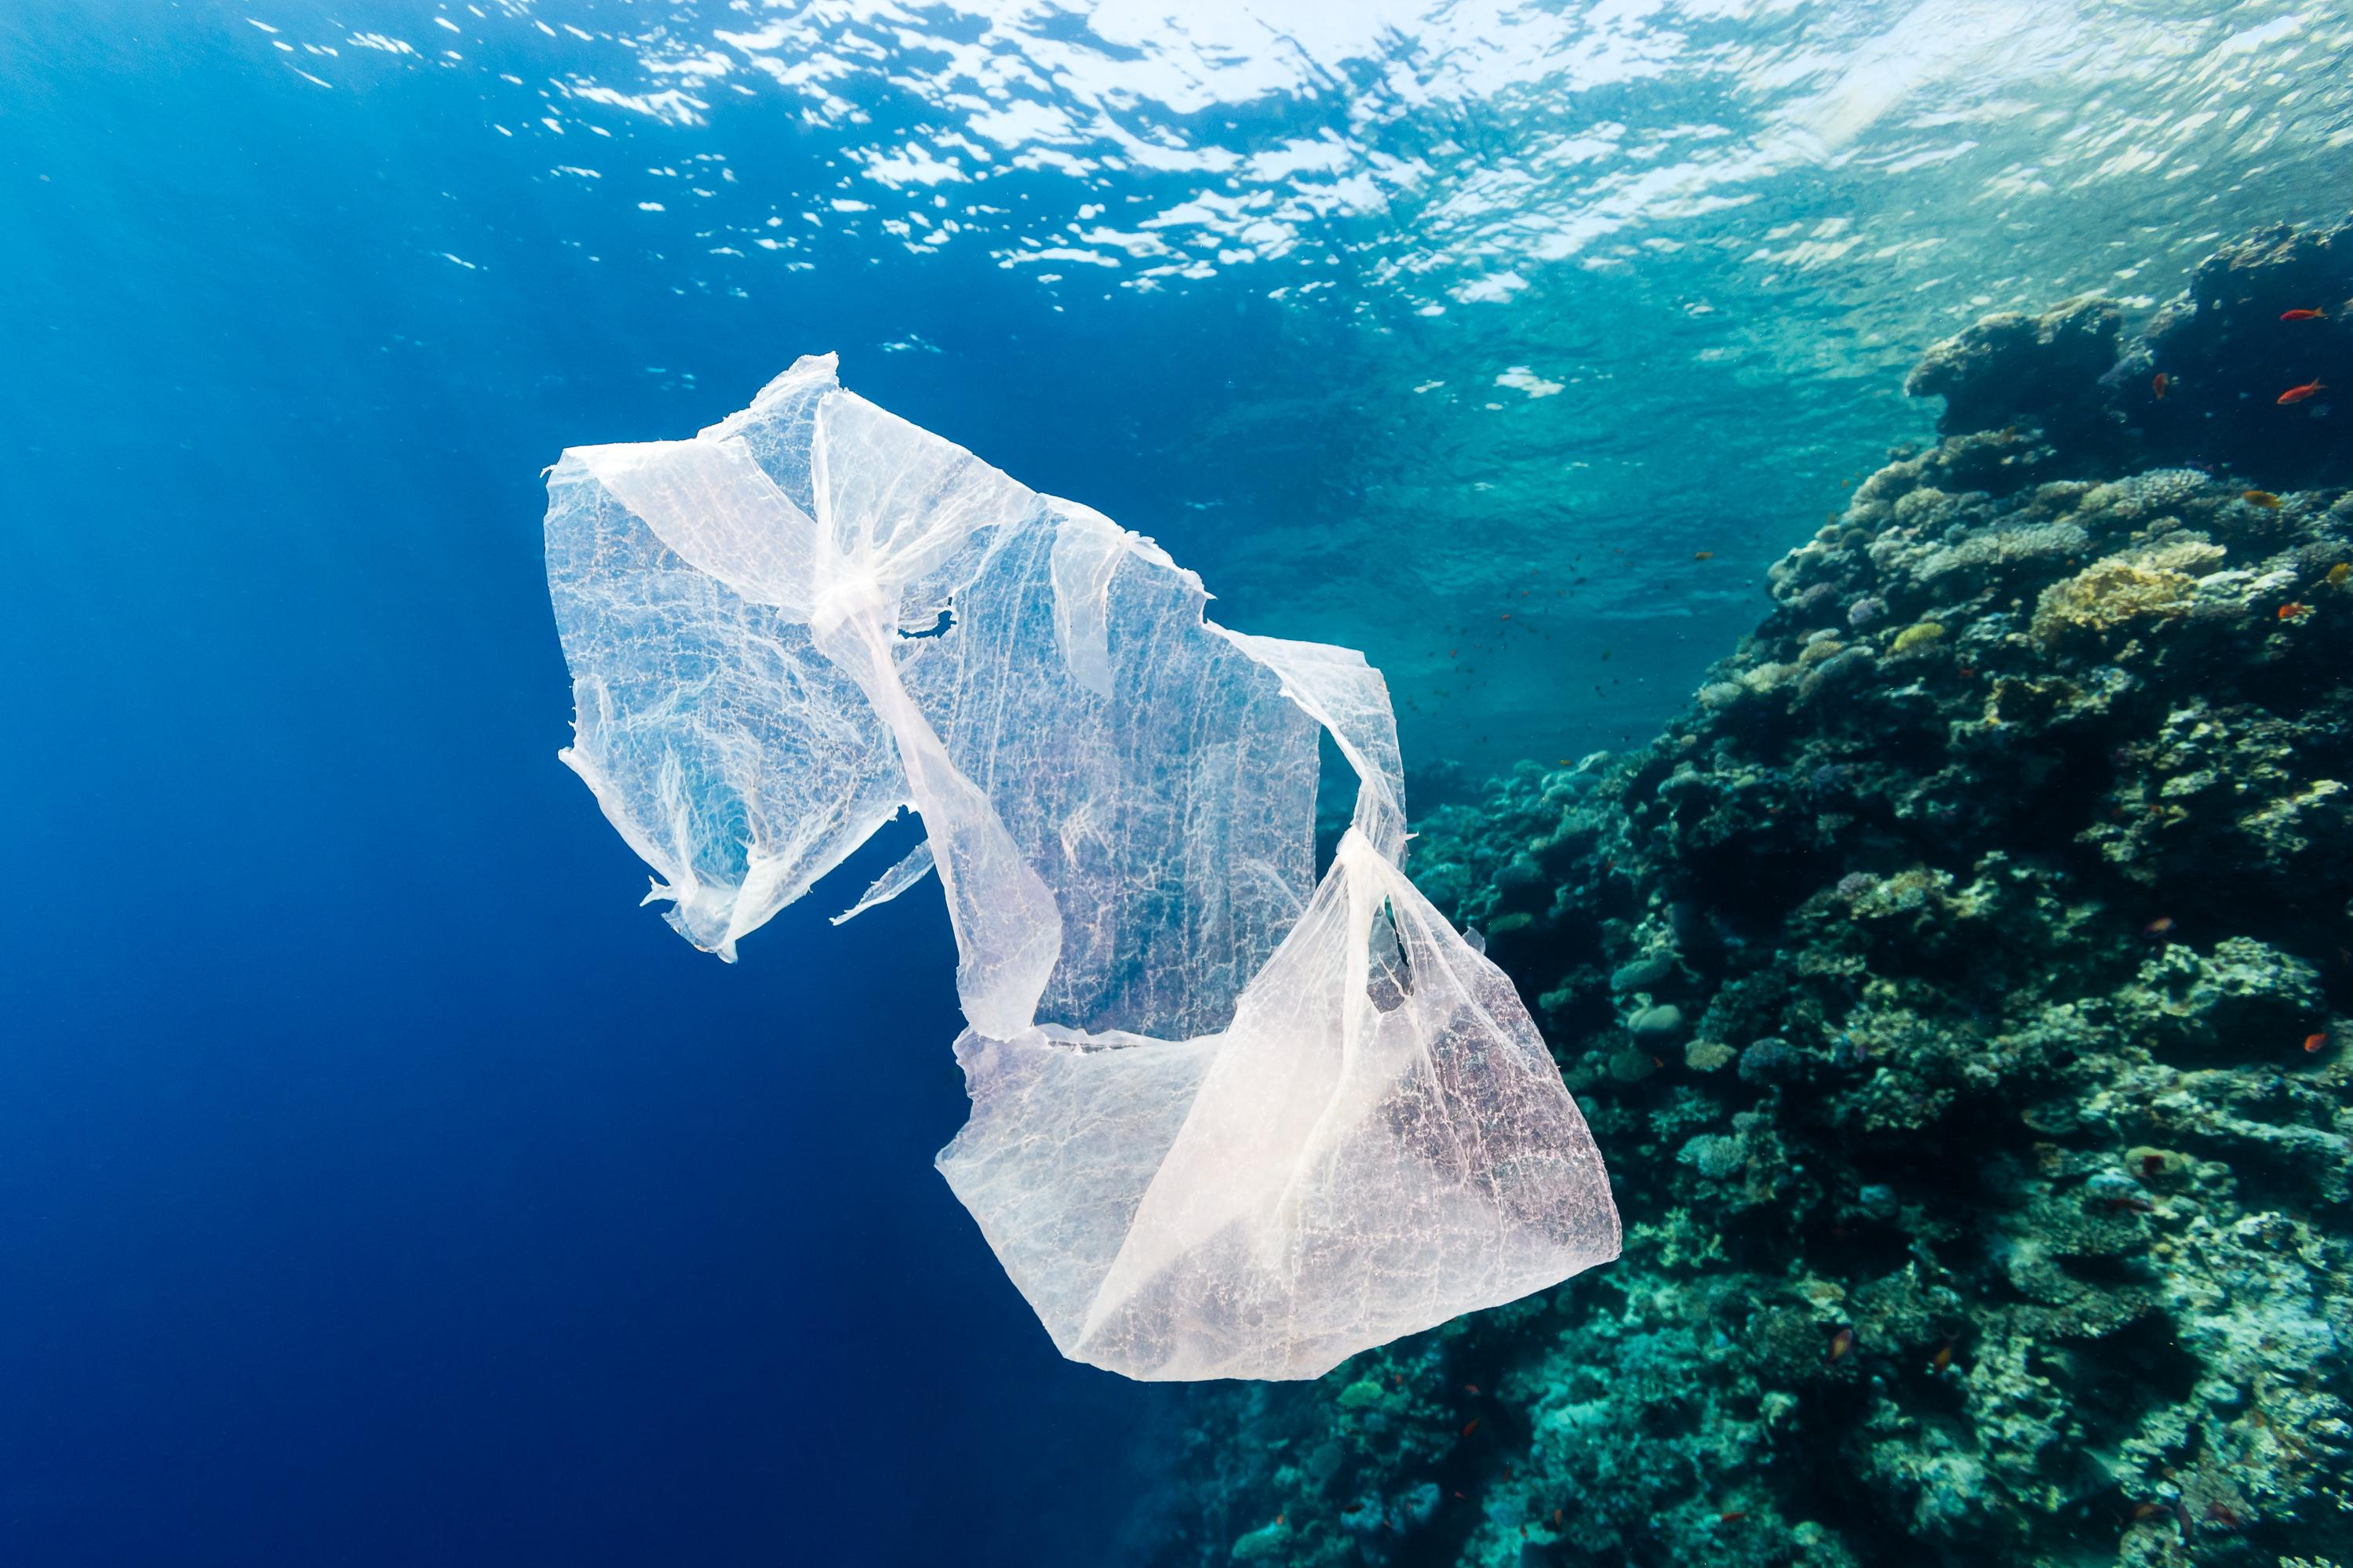 [ Ecologismo ] @byebyestraws y la sensibilización ecológica a través de Instagram